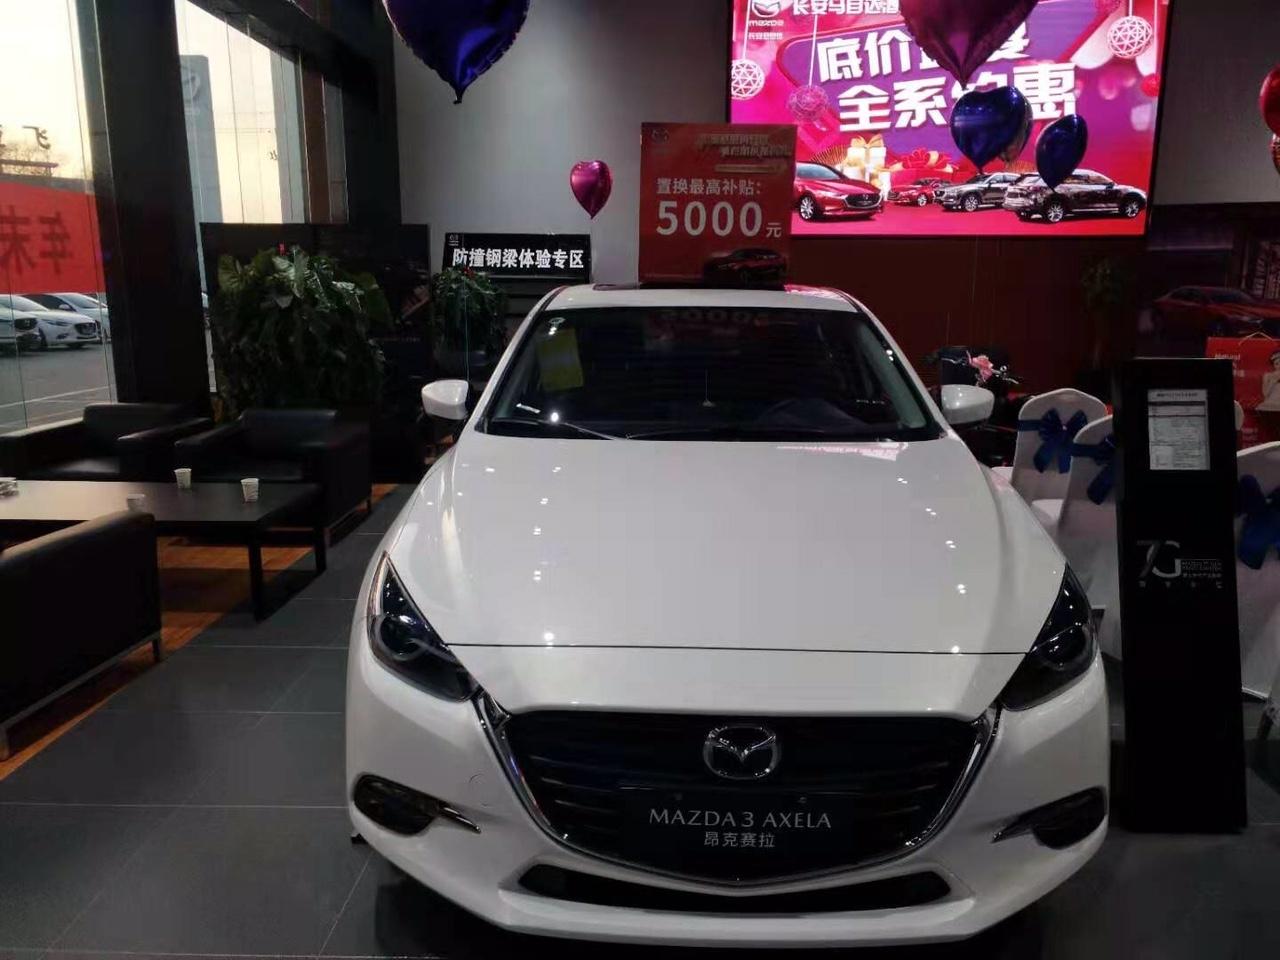 长安马自达商品车 昂克赛拉1.5自动豪华版